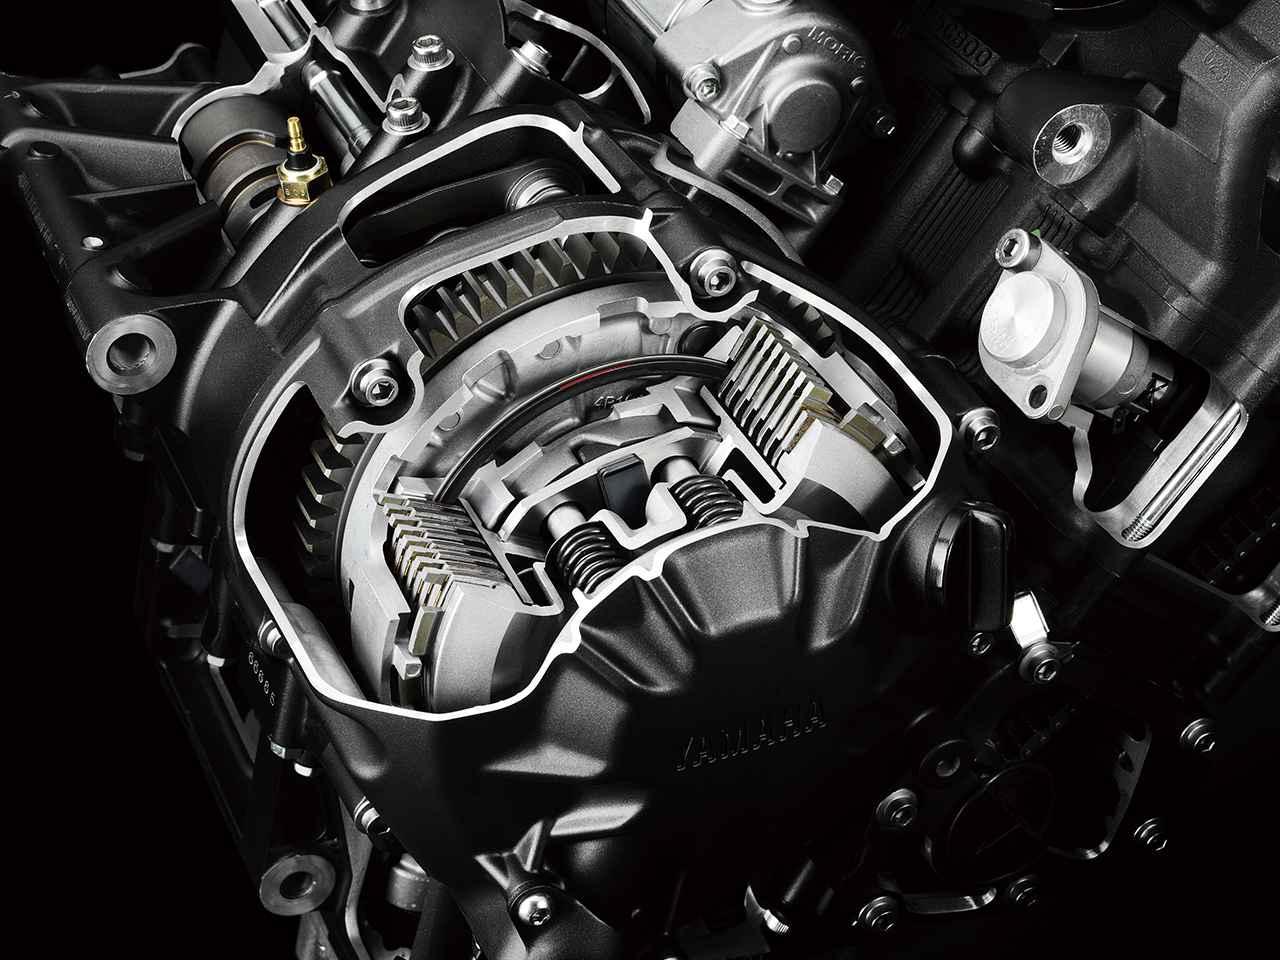 画像: バックトルクリミッター機構を備えたスリッパークラッチを採用。後輪からのバックトルクをカムで受け、一定以上のトルクが伝わるとクラッチスプリングの荷重を小さくして急激なエンジンブレーキを緩和する。